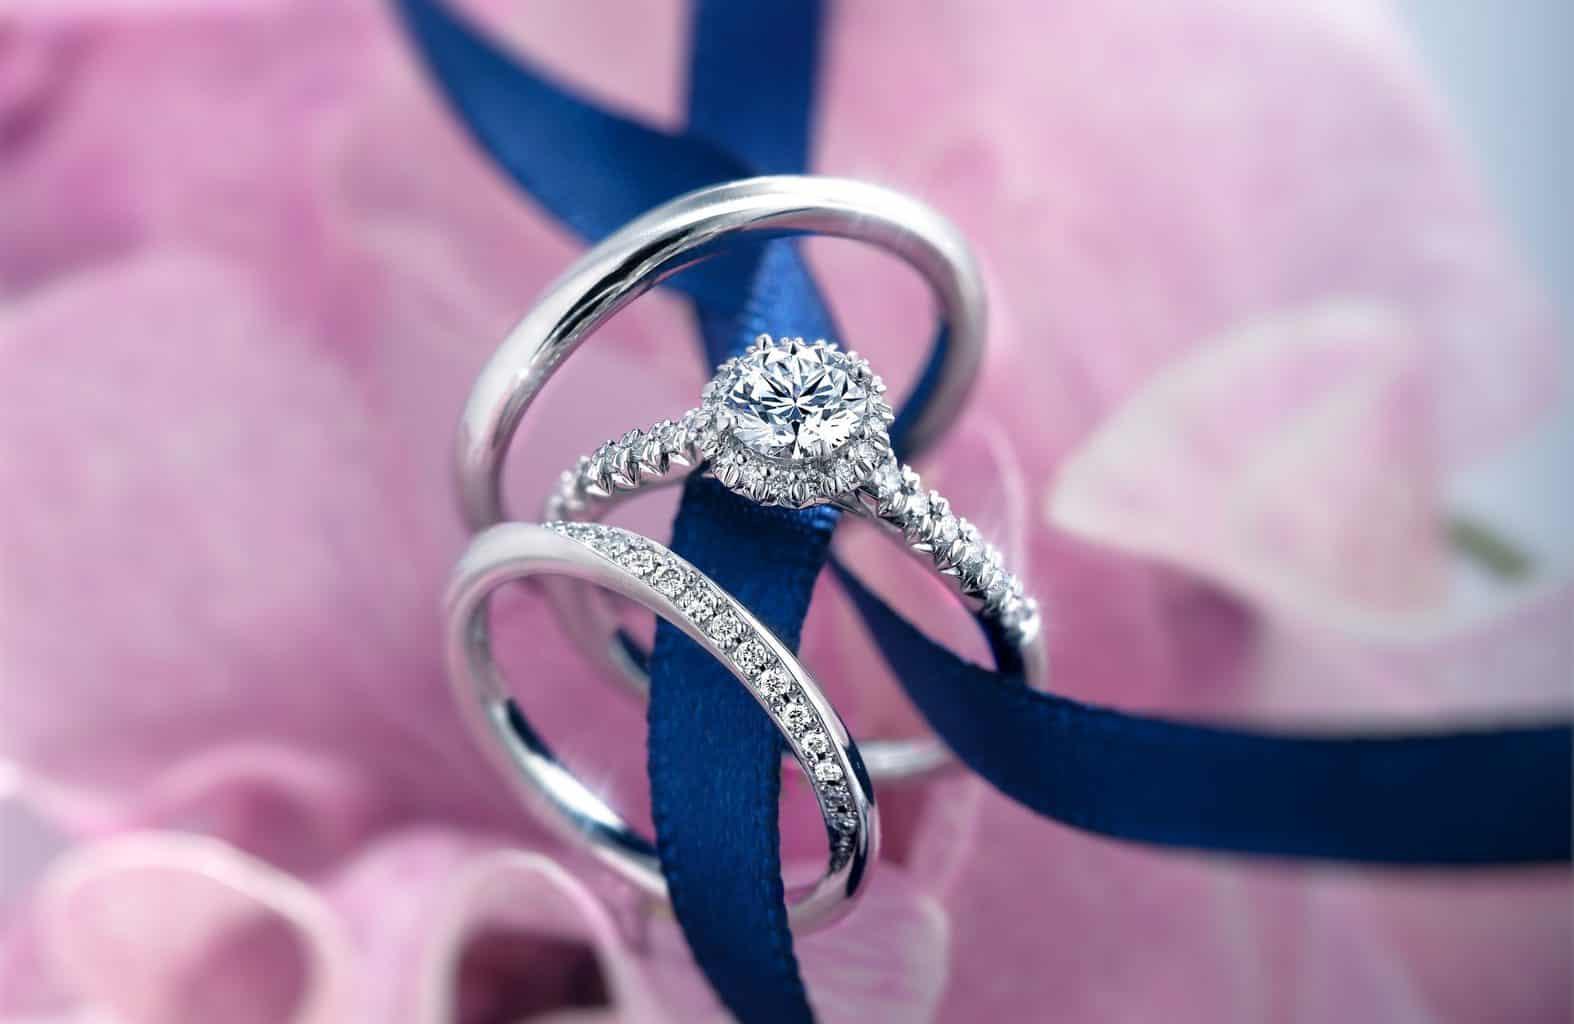 銀座ダイヤモンドシライシで人気の重ね付けリングは?全国の店舗でお得なフェア開催中!のカバー写真